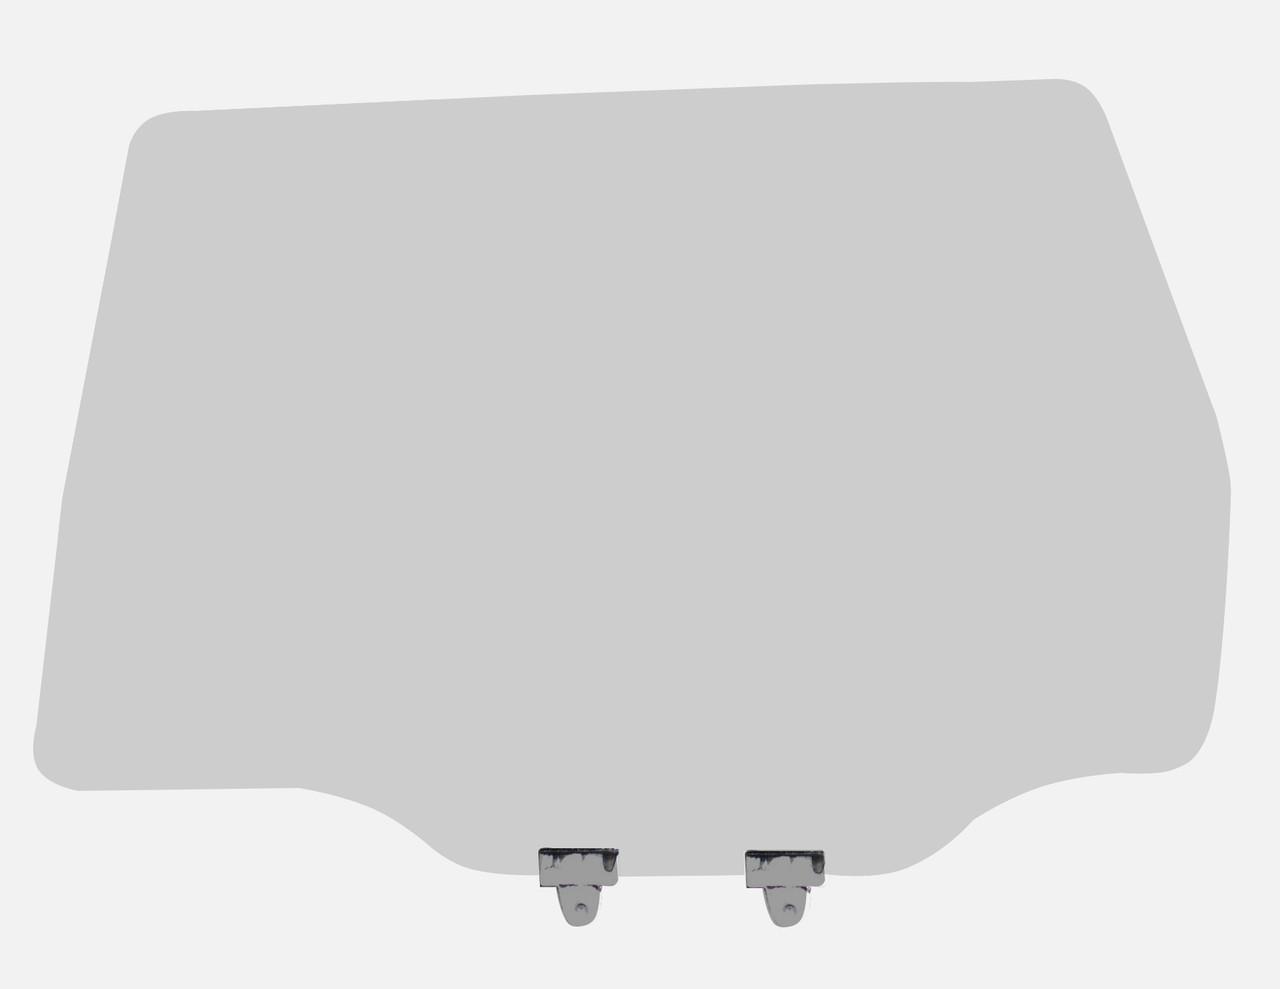 Стекло XYG задней левой двери для Mitsubishi (Митсубиси) Outlander (03-08)